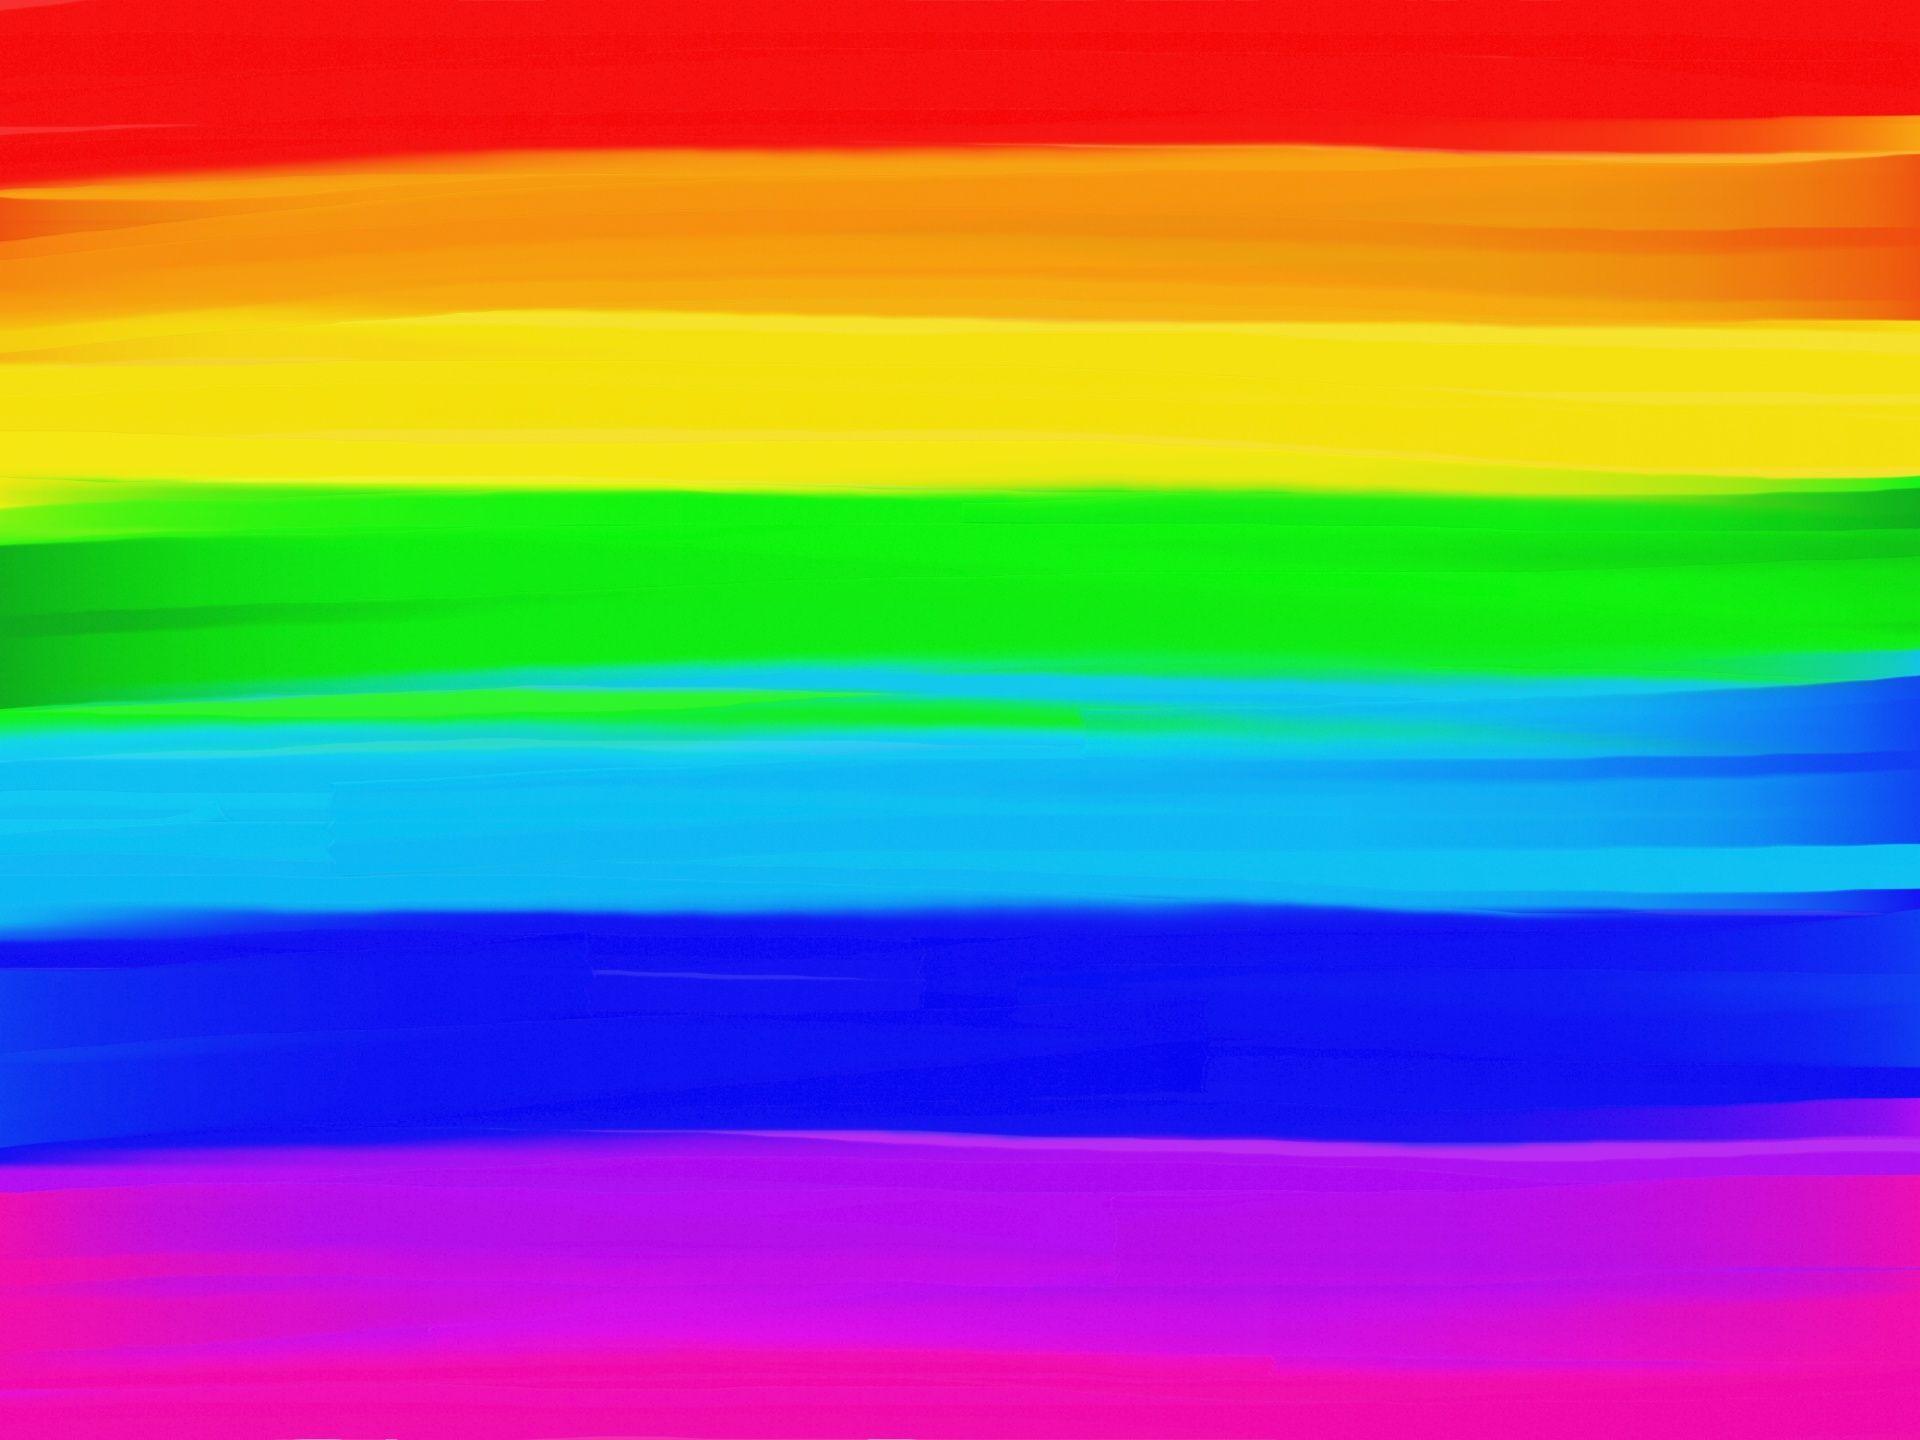 Картинка с цветными полосками